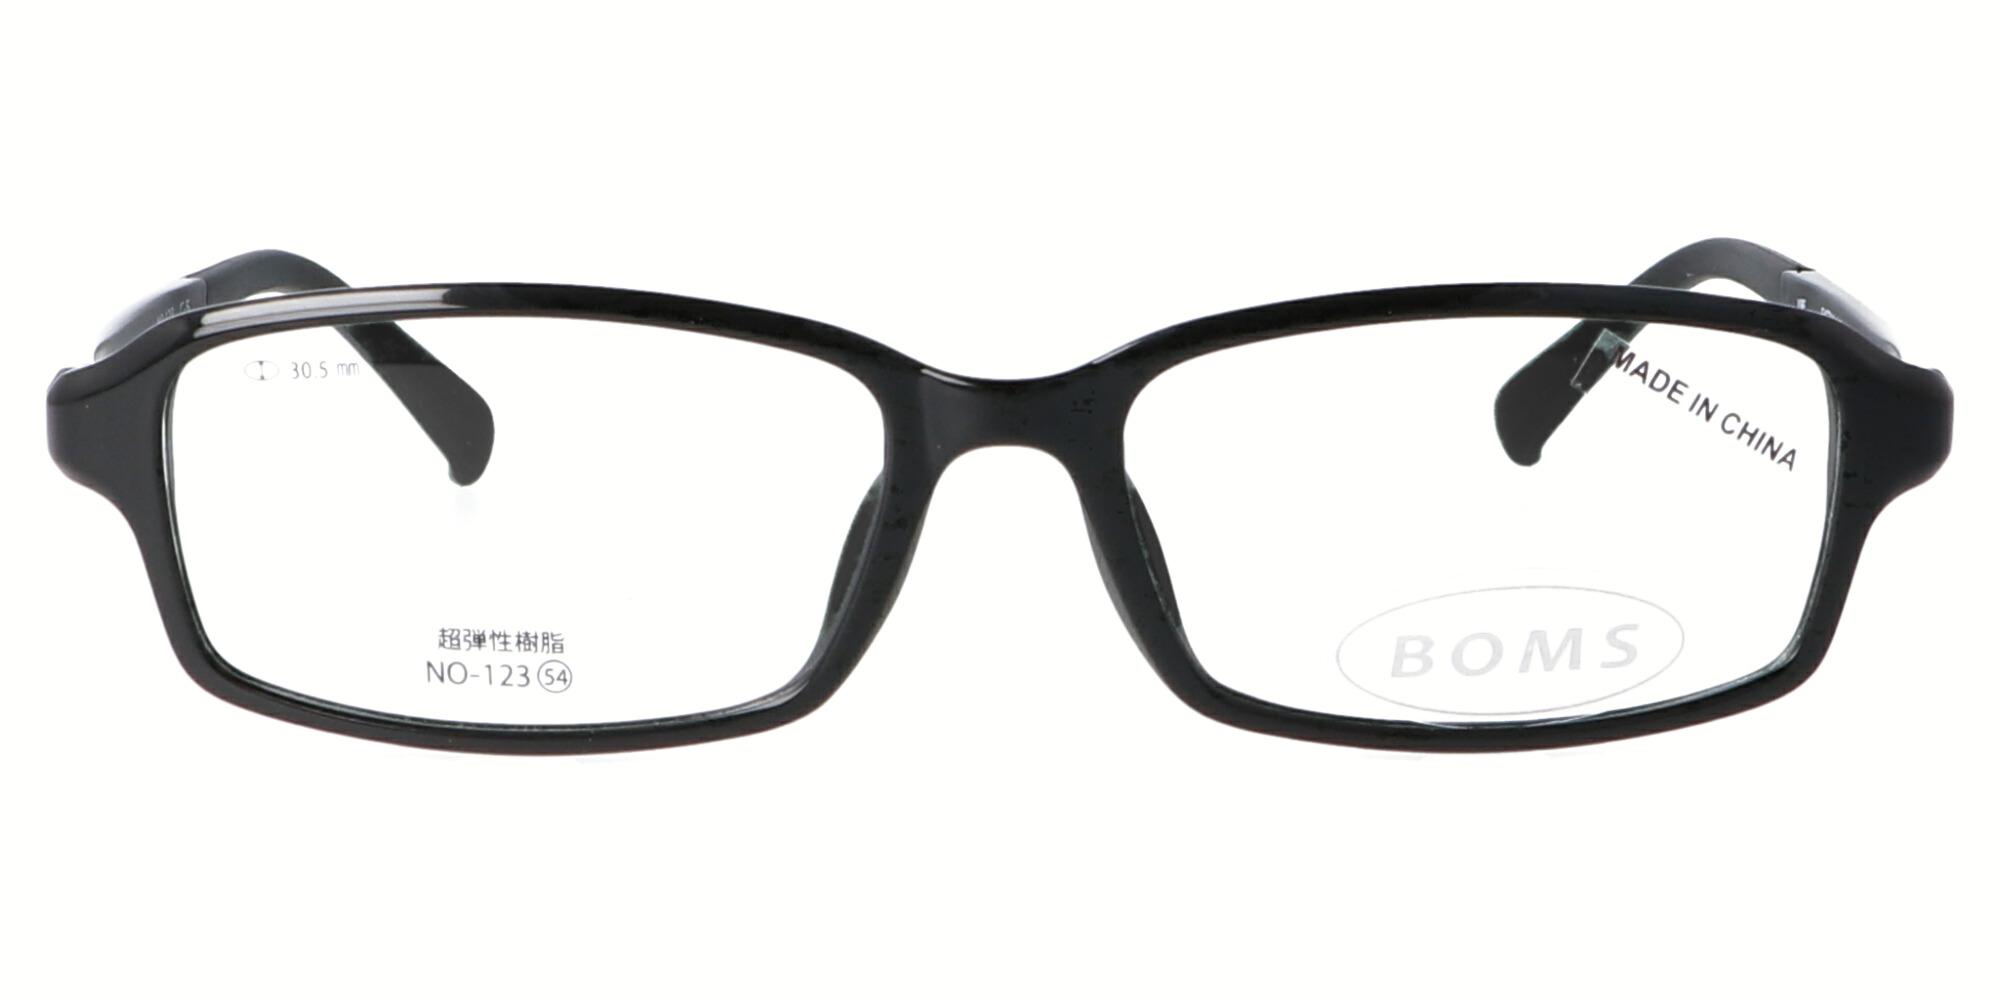 ボンズ NO123_54_ブラック